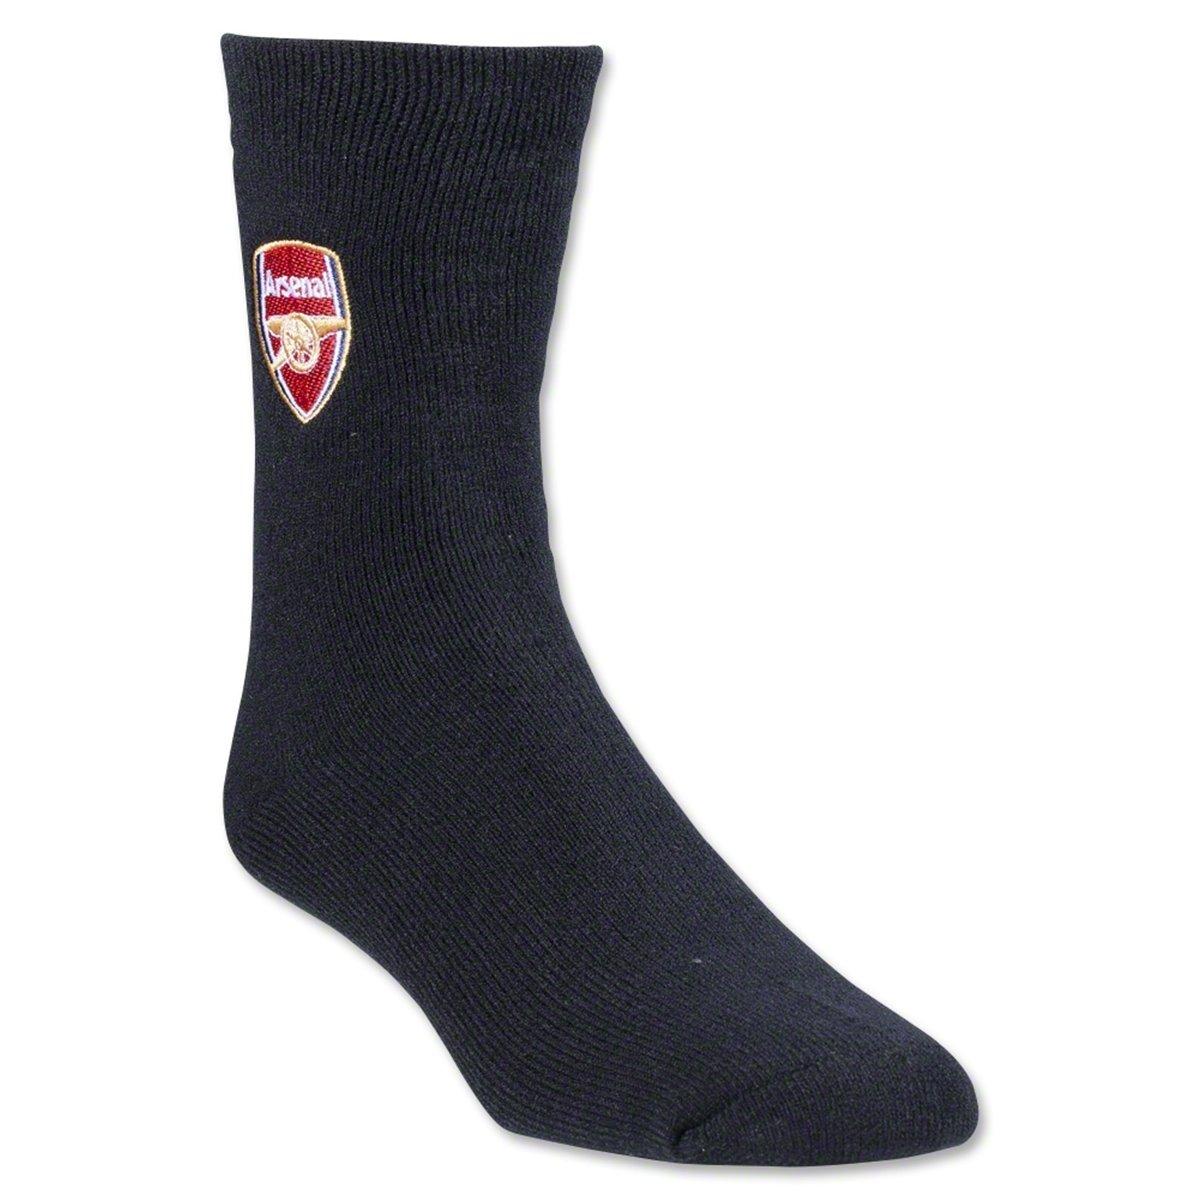 Arsenal FC - Calcetines térmicos oficiales Modelo Crest Fútbol (1 par) (40-45 EUR/Negro): Amazon.es: Ropa y accesorios